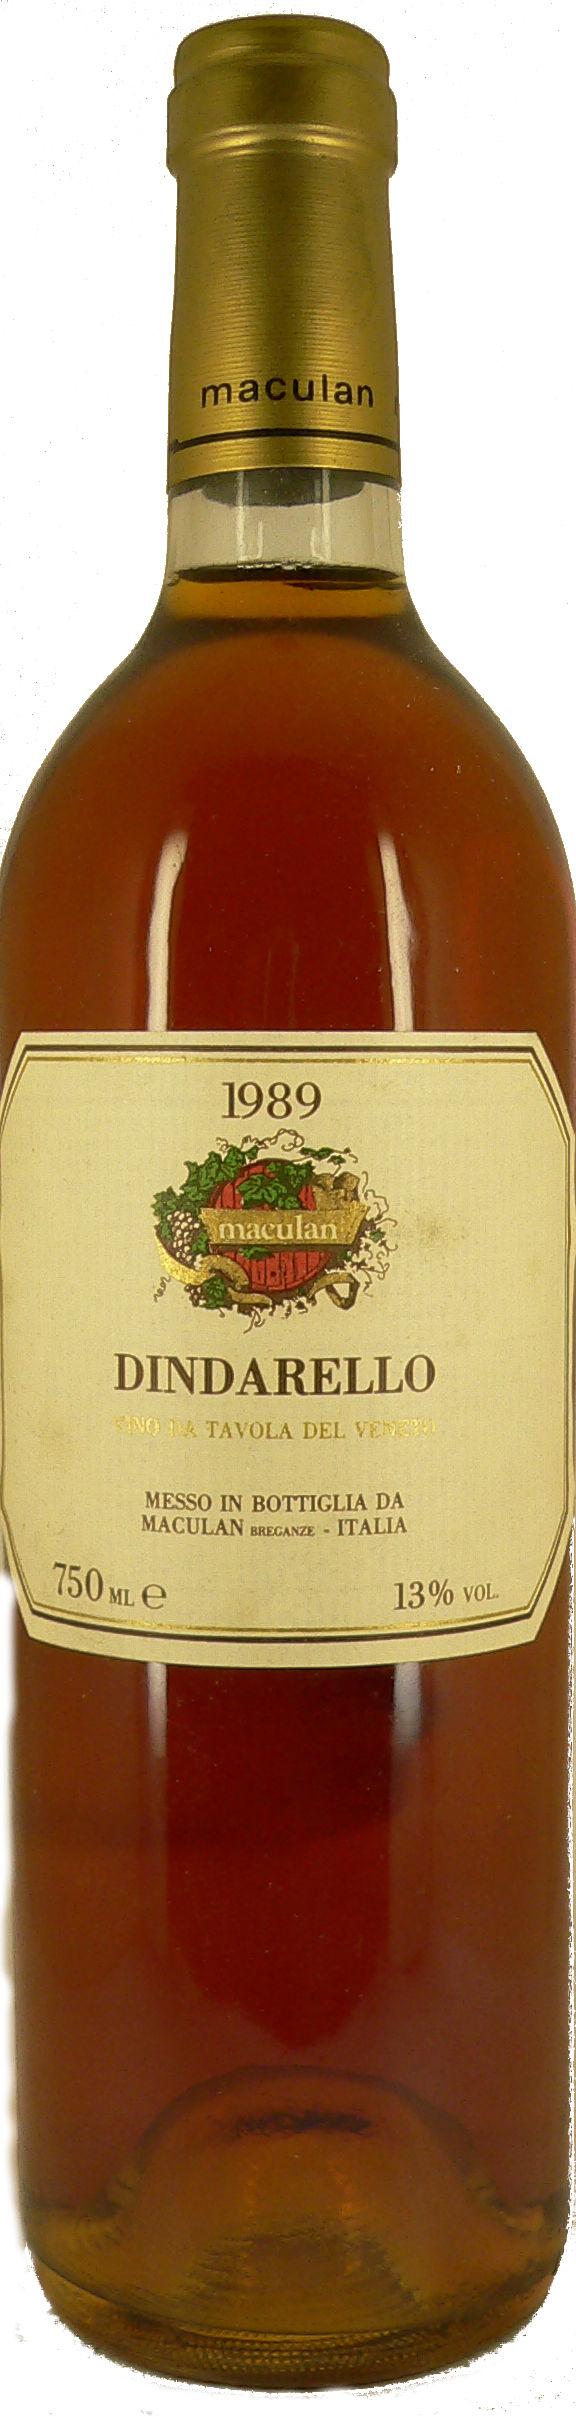 1989 Dindarello Muscat